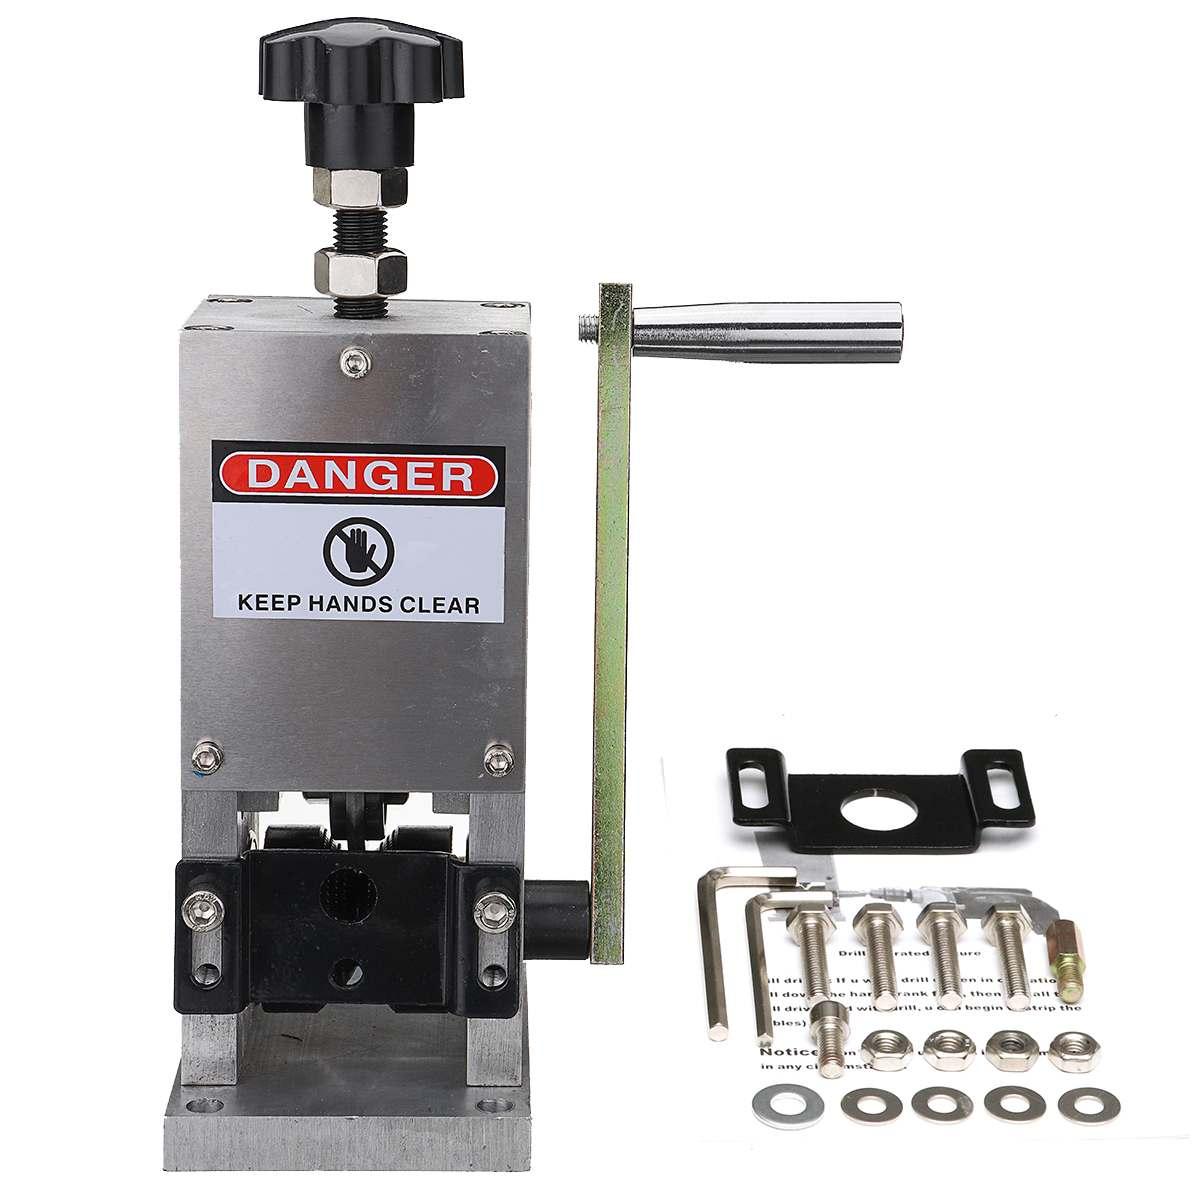 Máquina de friso do cabo de fio do controle da mão e máquina de peeling para o fio de metal